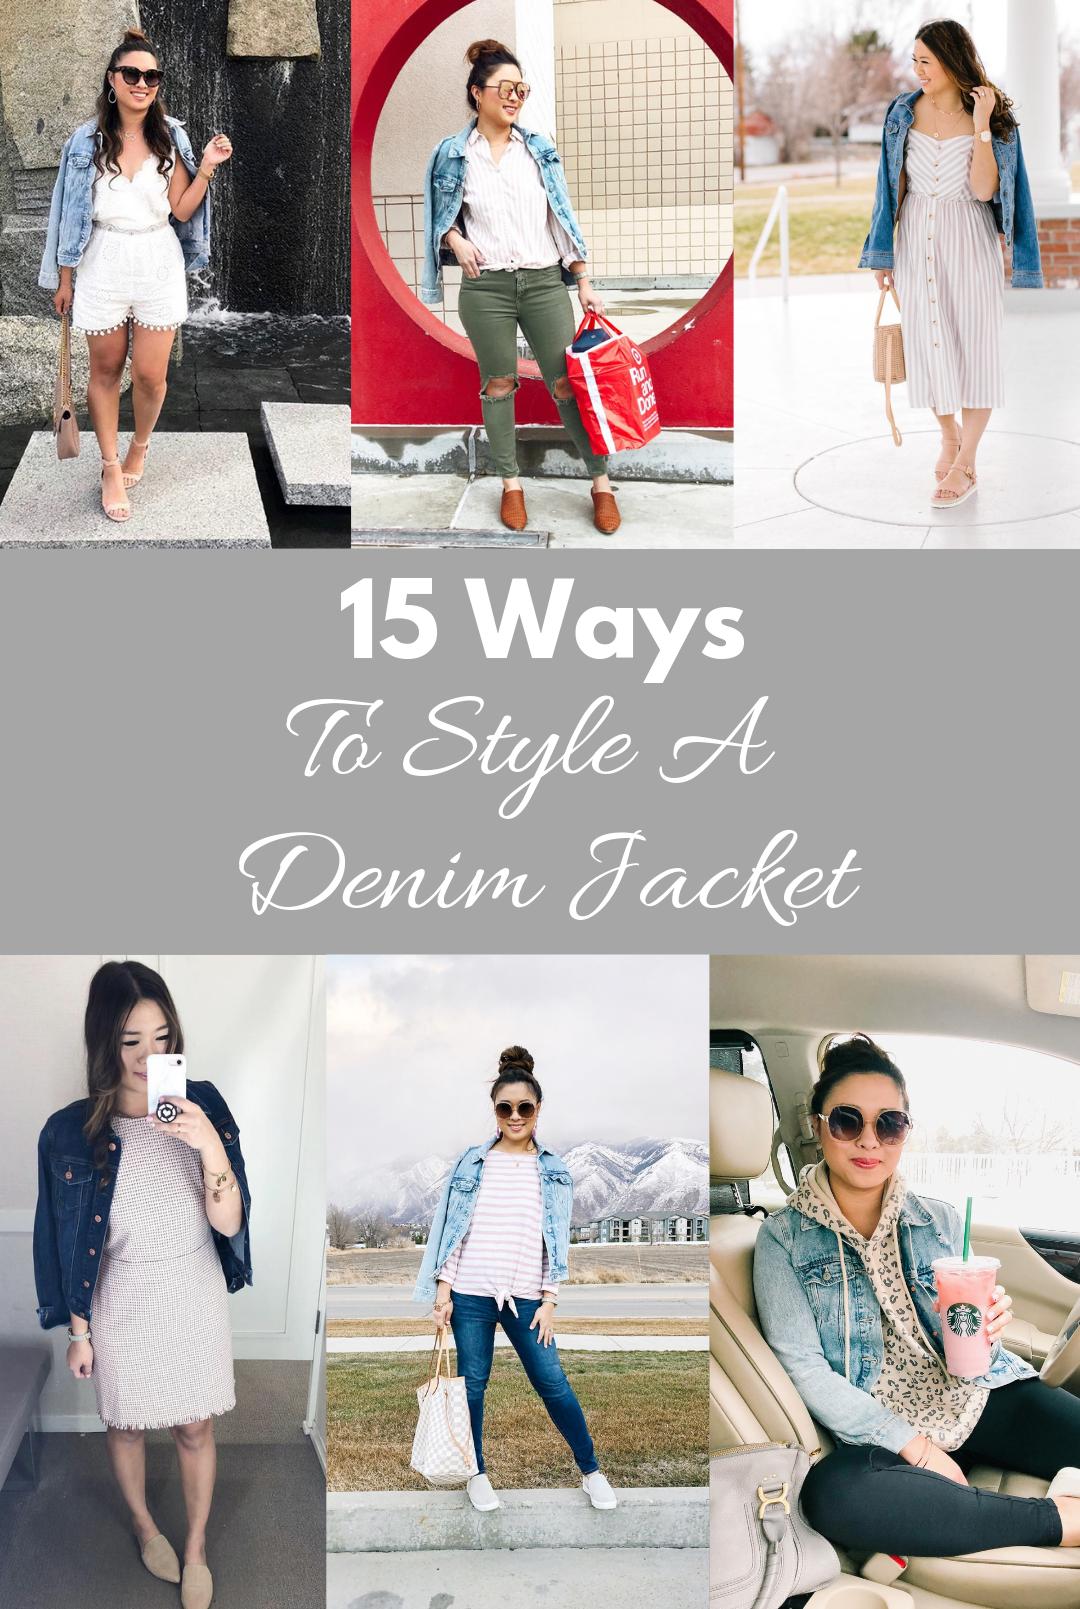 cd8f4c01eb 15 Ways To Style A Denim Jacket